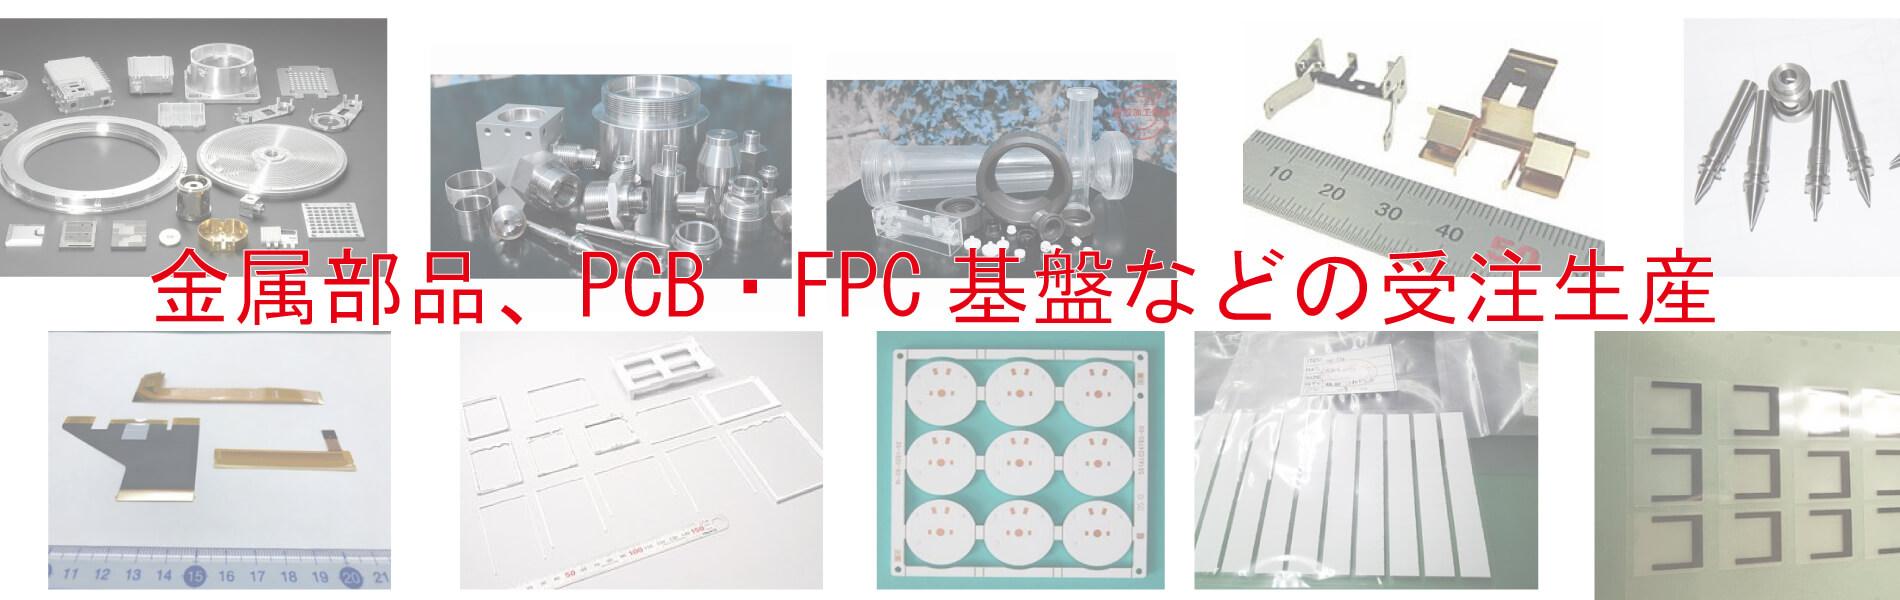 金属部品、PCB・FPC基盤などの受注生産